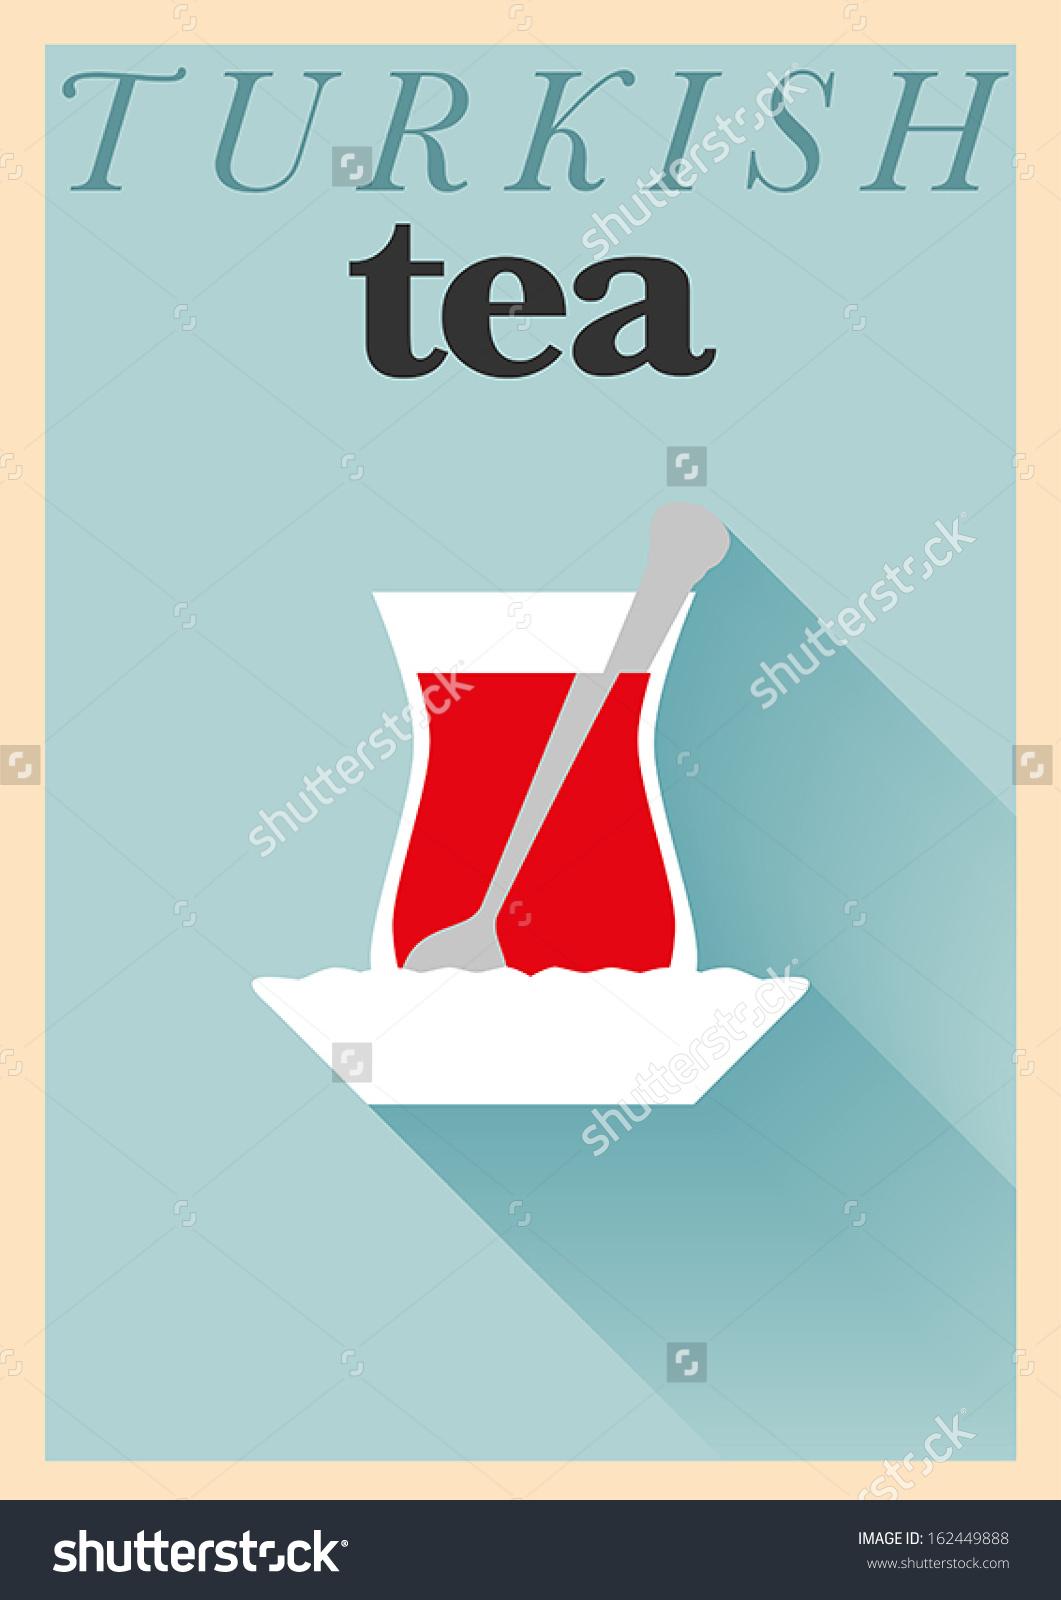 Turkish tea clipart.